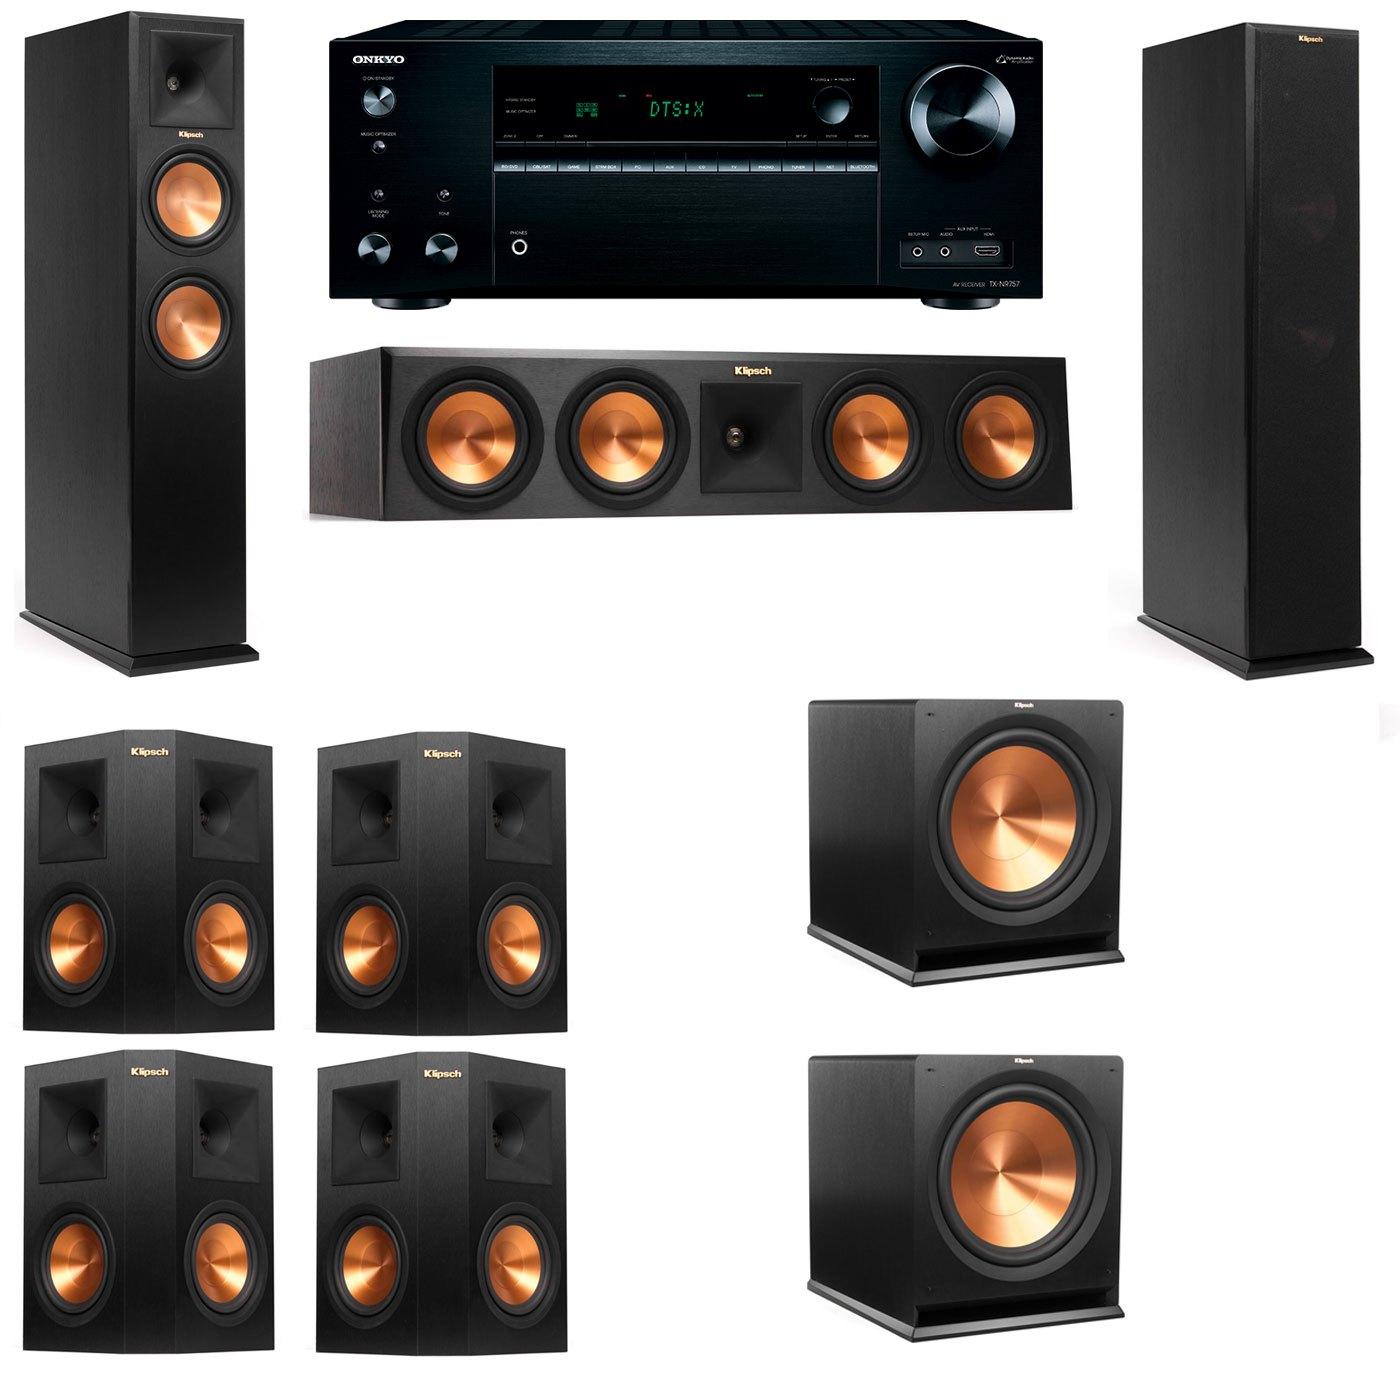 Klipsch RP-250F Tower Speakers-7.2-Onkyo TX-NR757